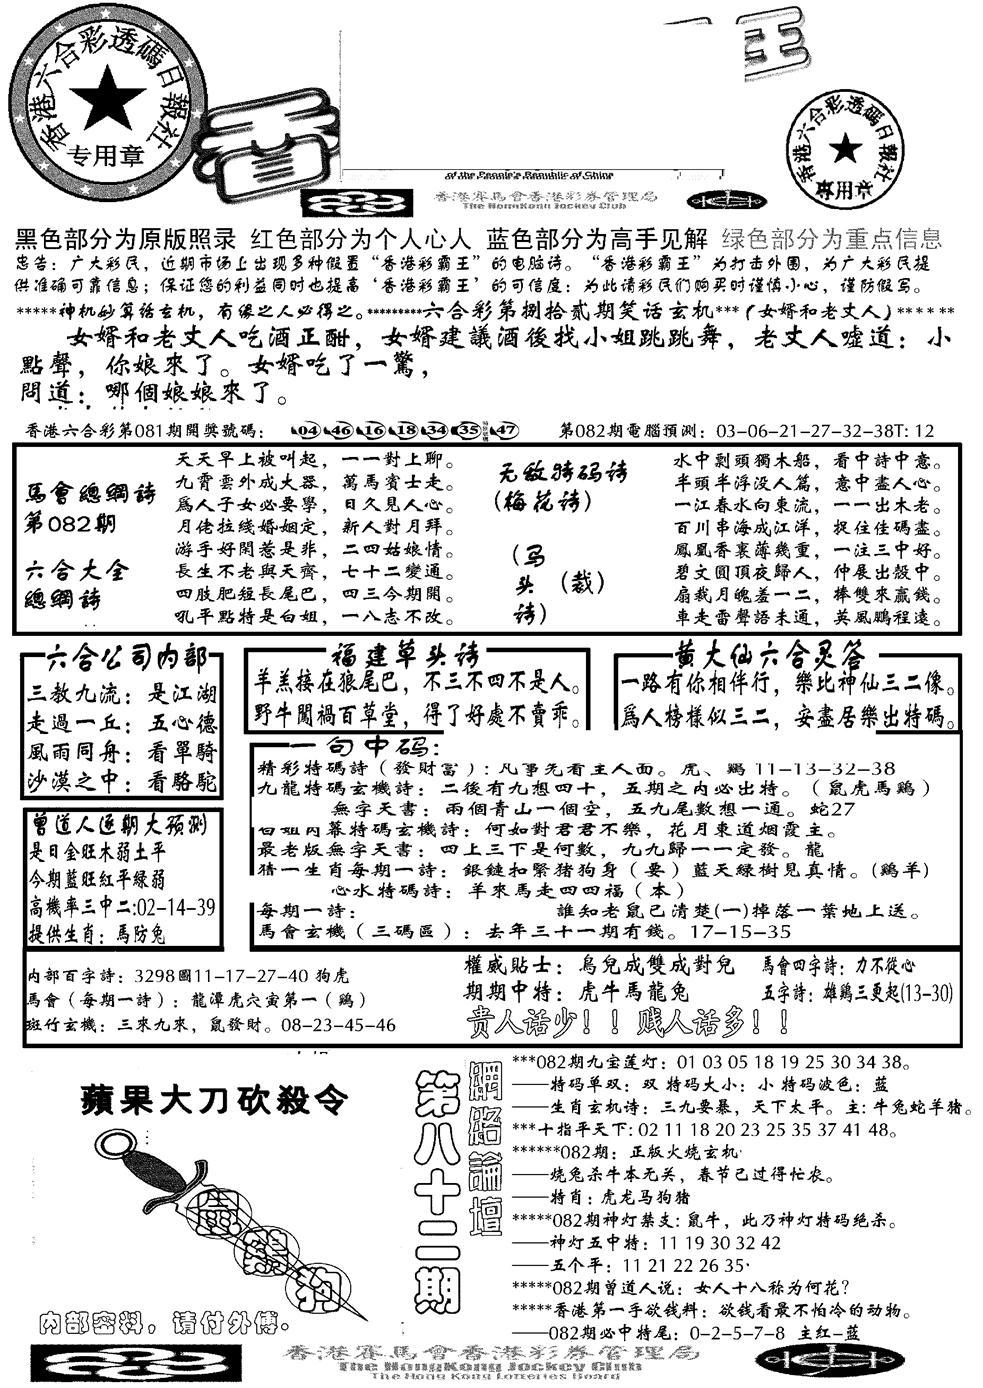 082期大刀彩霸王A(黑白)